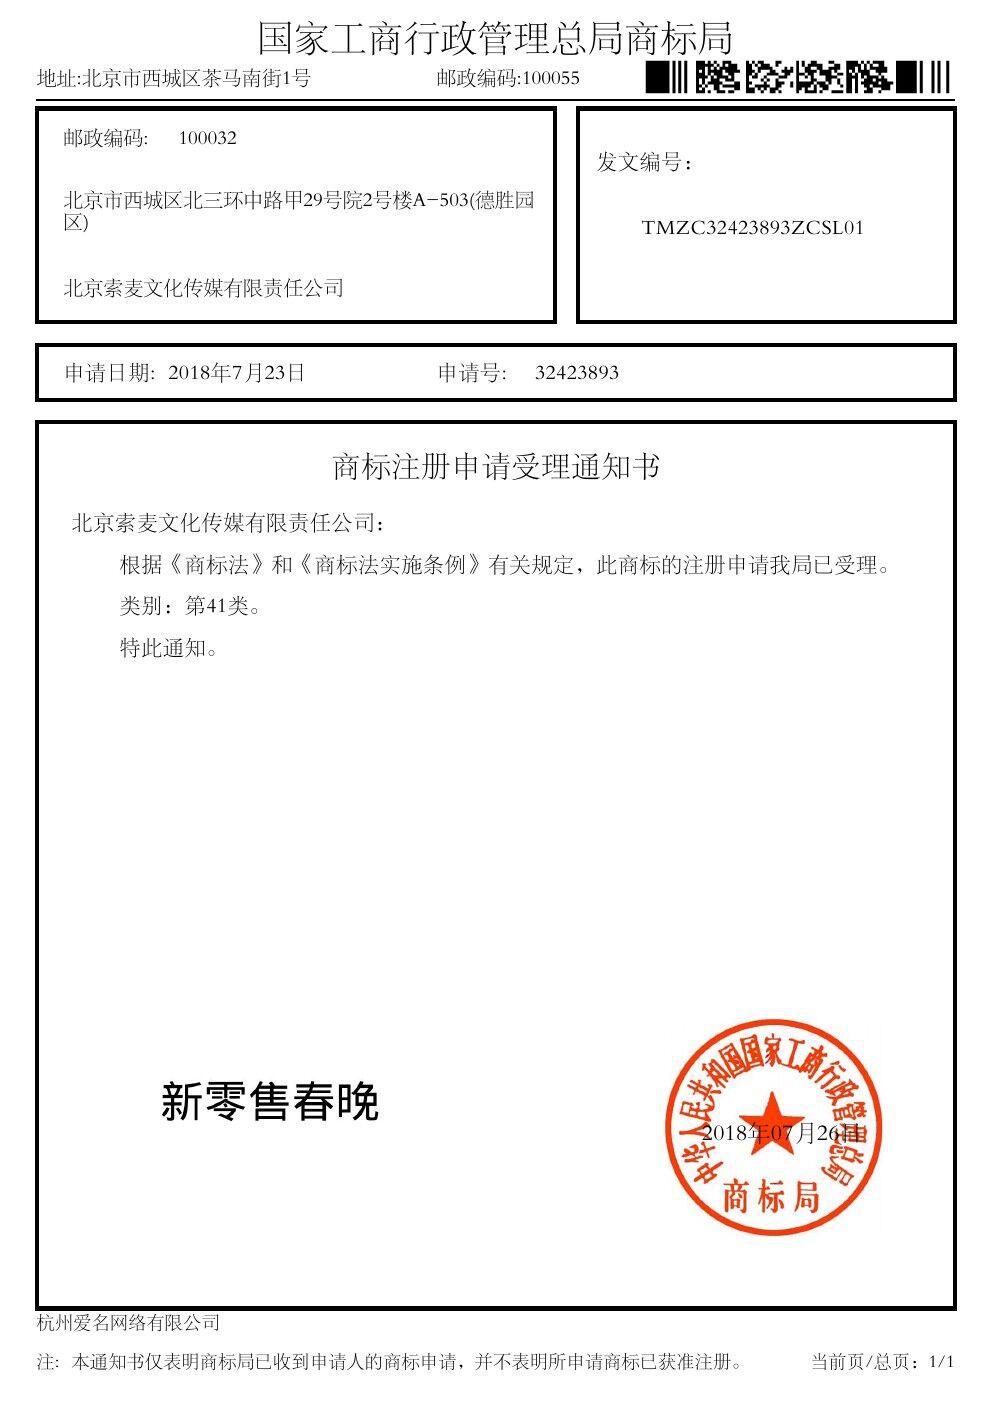 新零售春晚已获得商标注册申请受理书